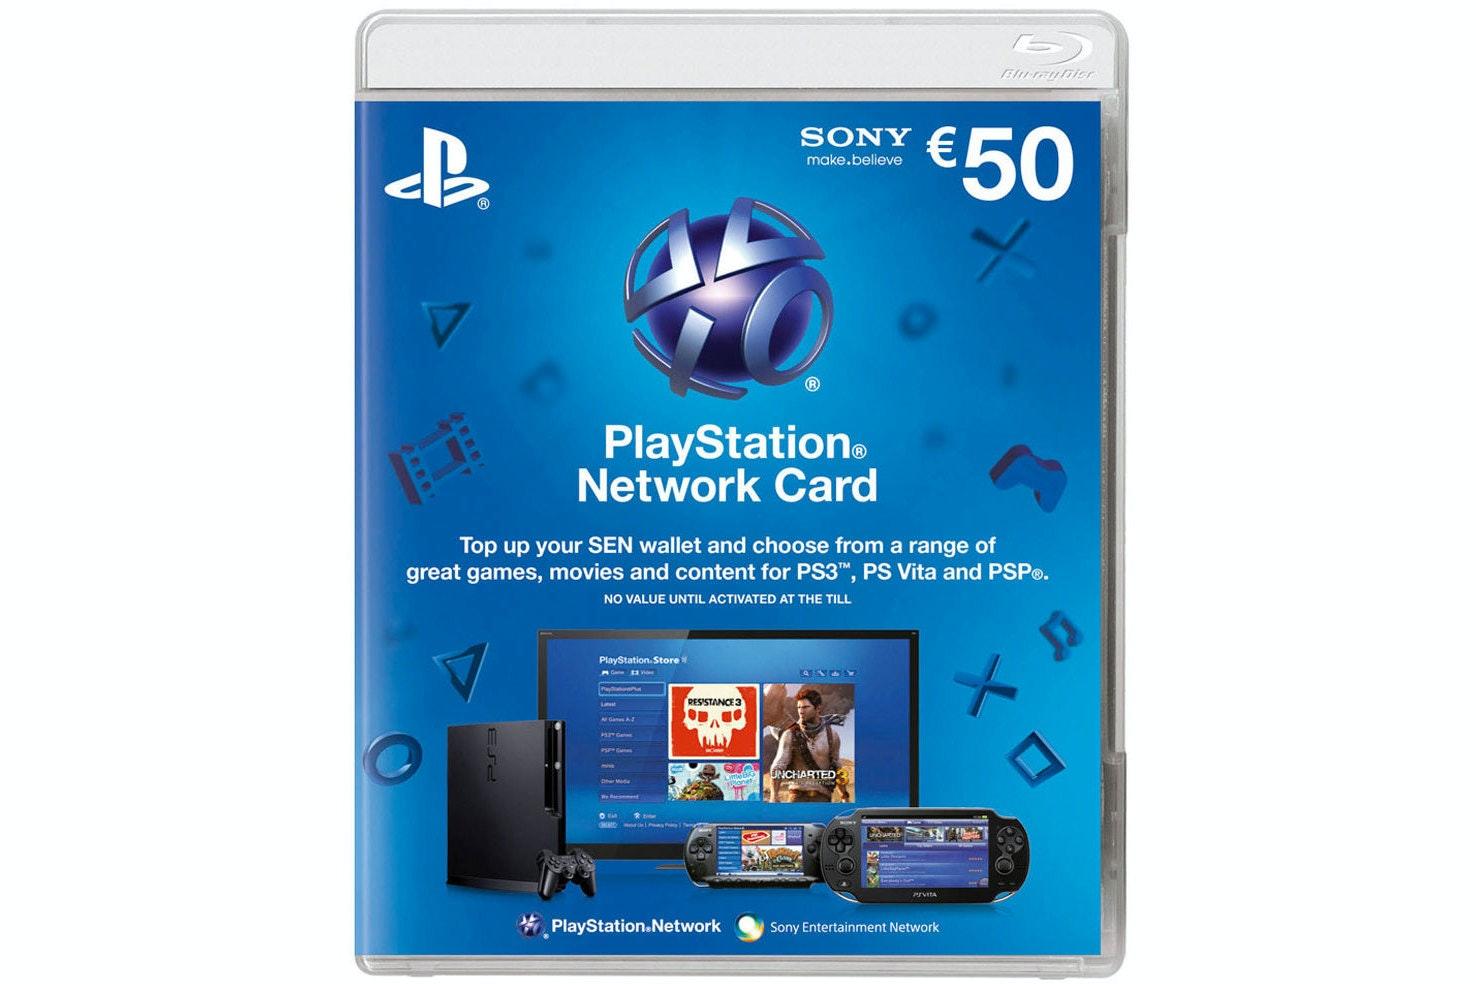 Playstation Network Voucher | €50